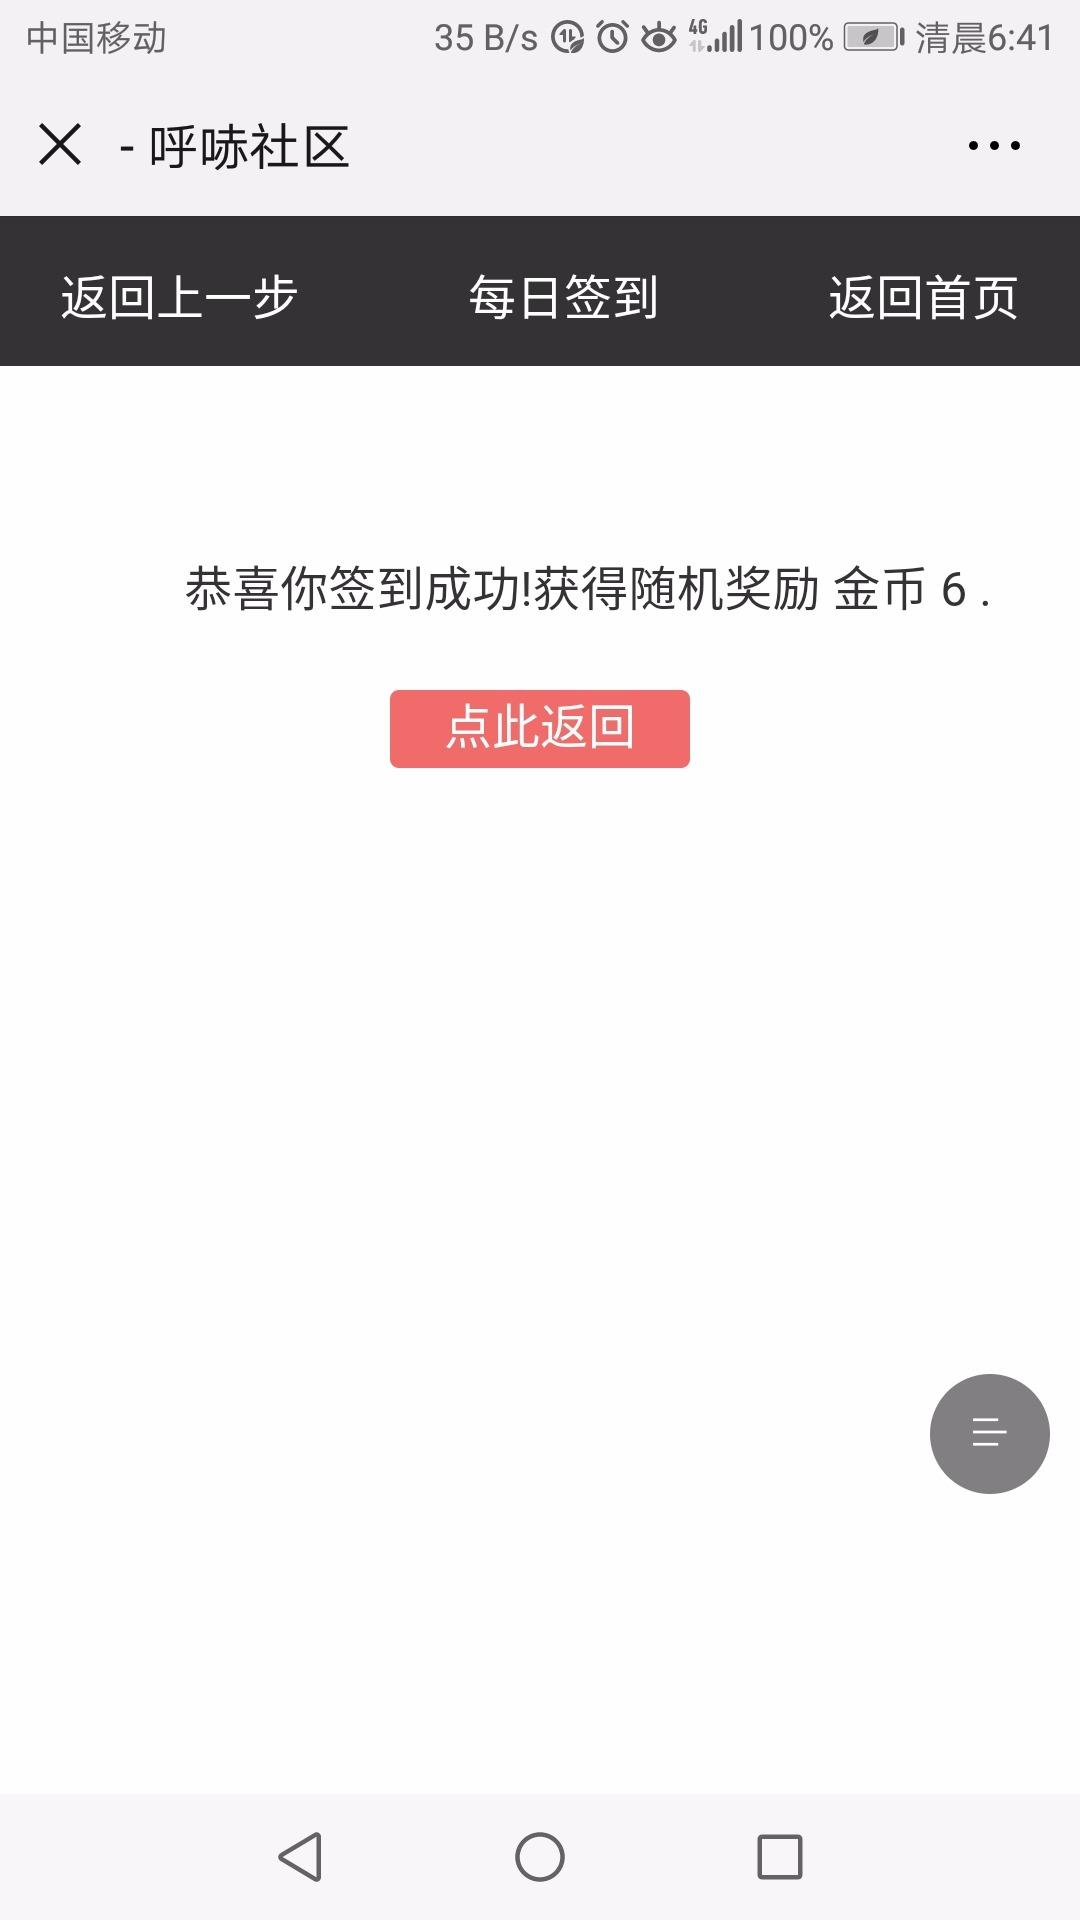 Screenshot_20190302-064146.jpg